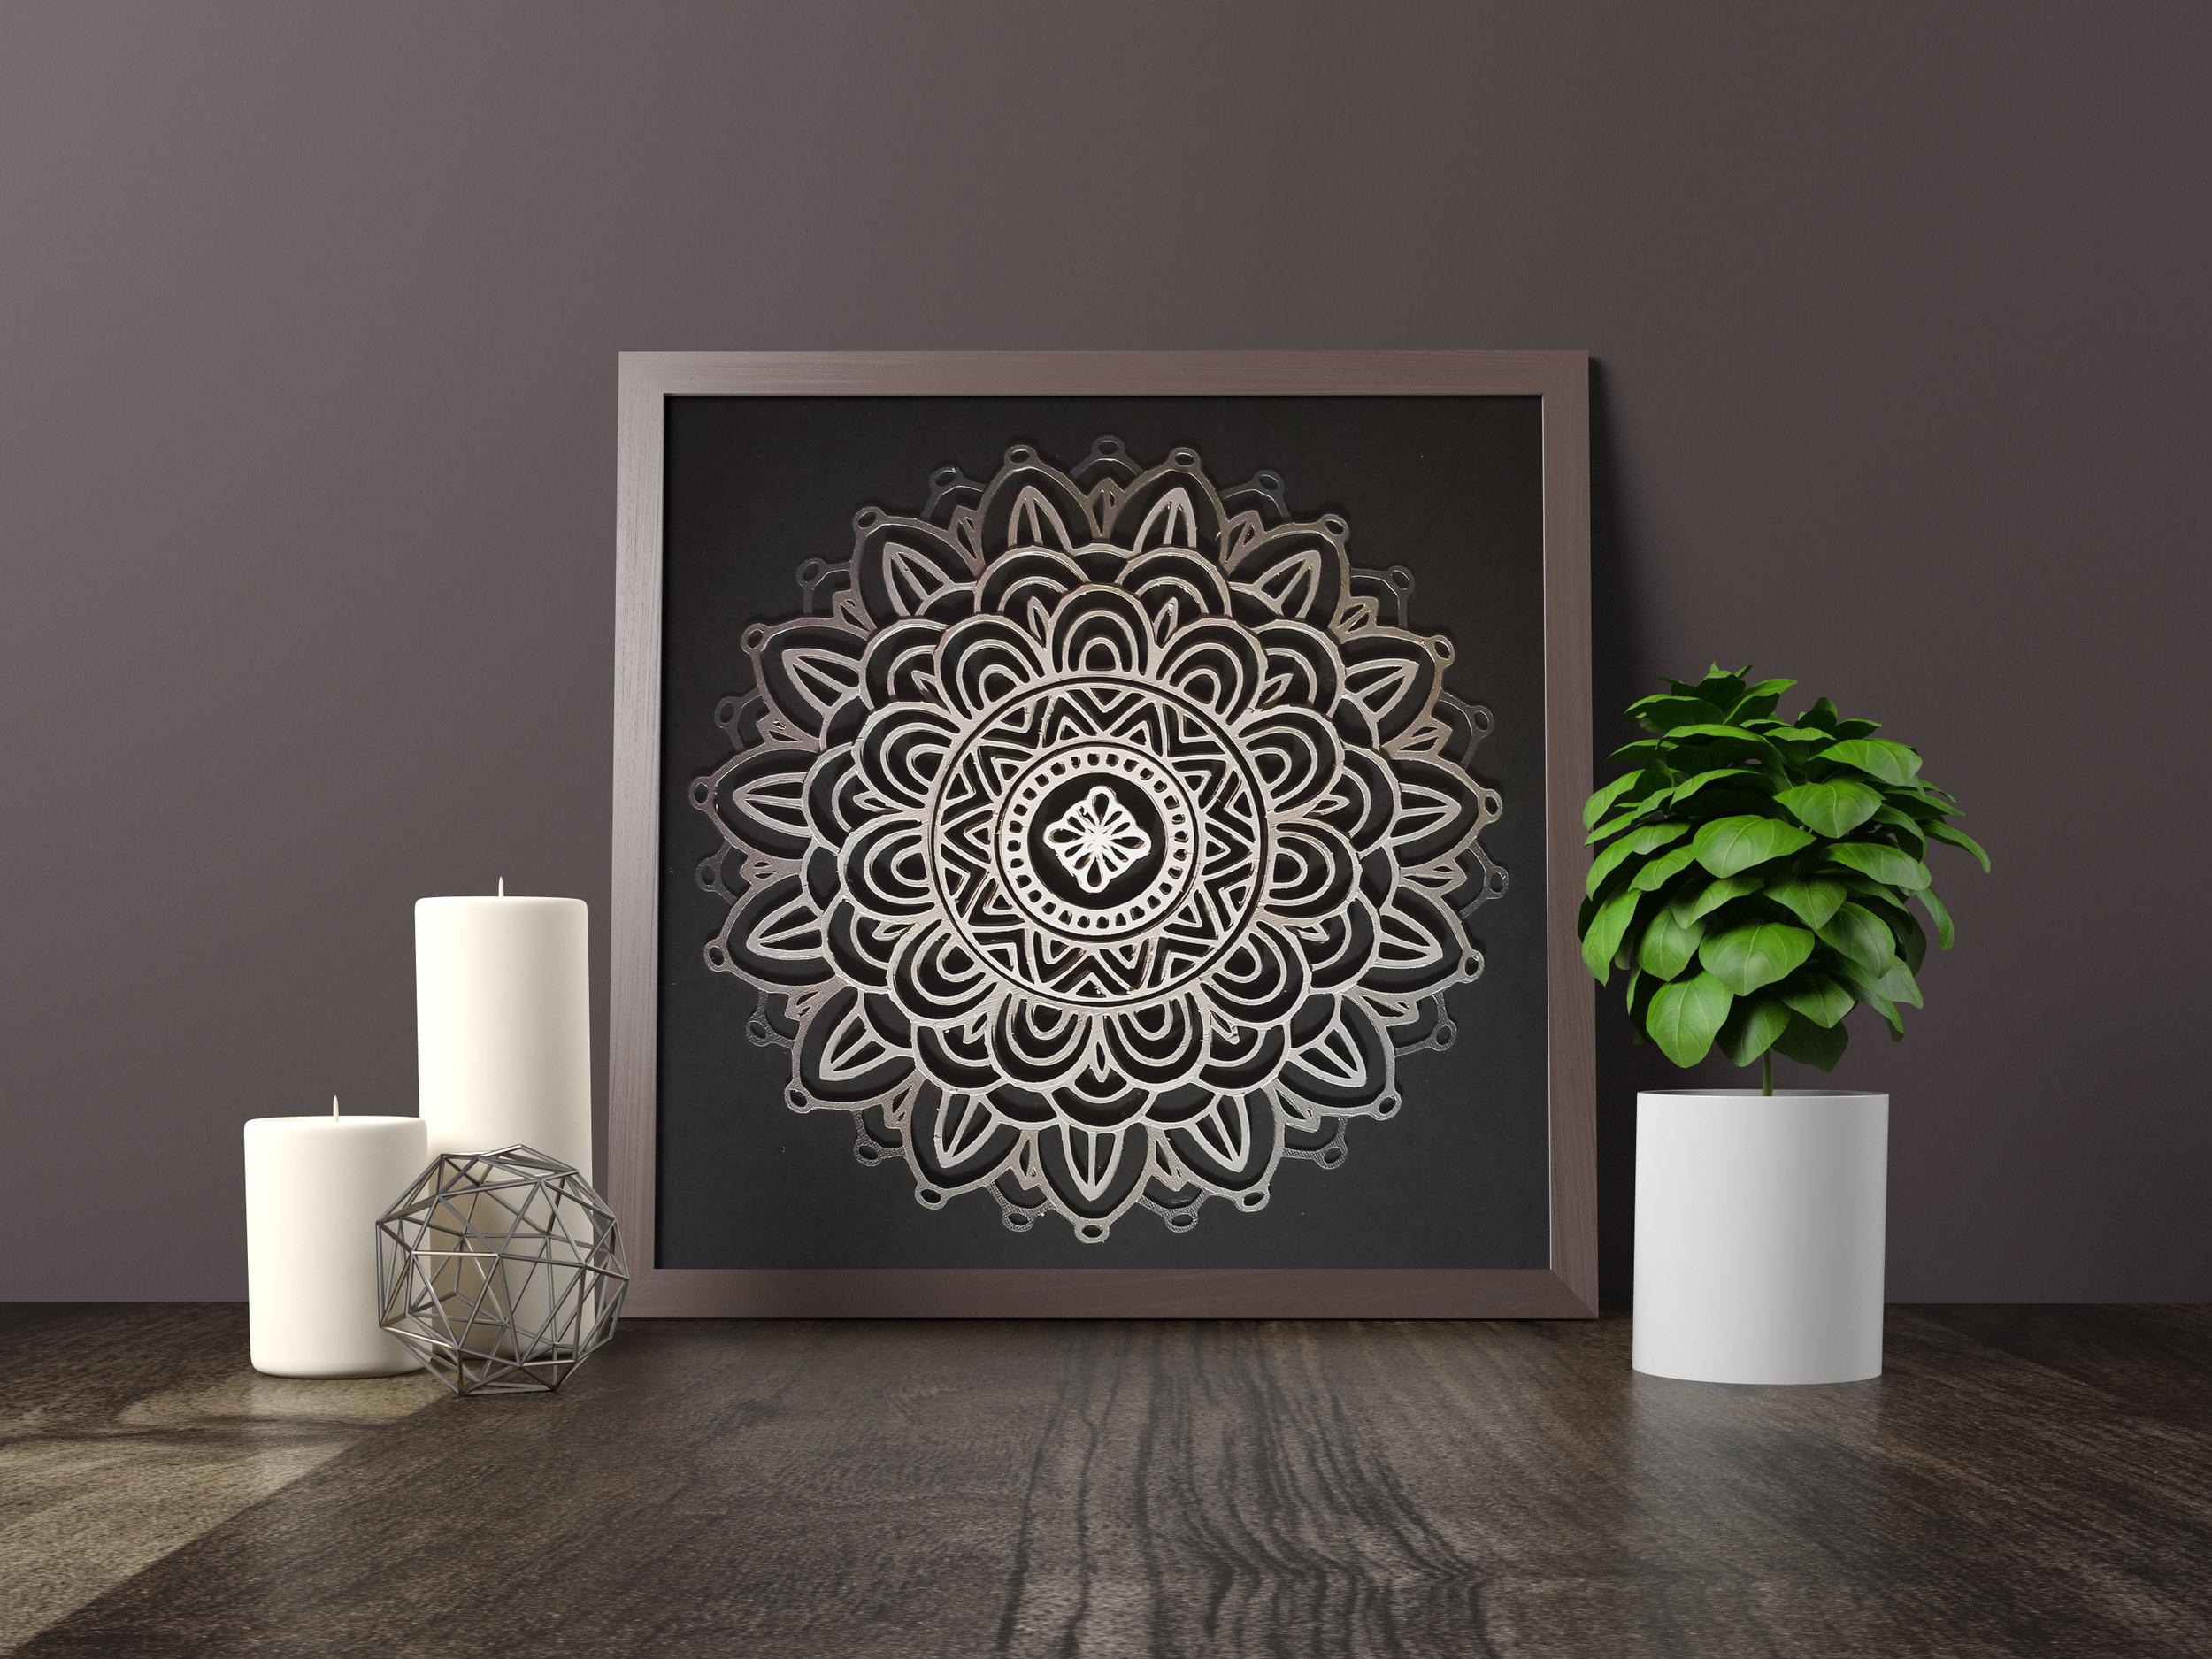 Zen ManDala - Original artwork *SALE PENDING*12